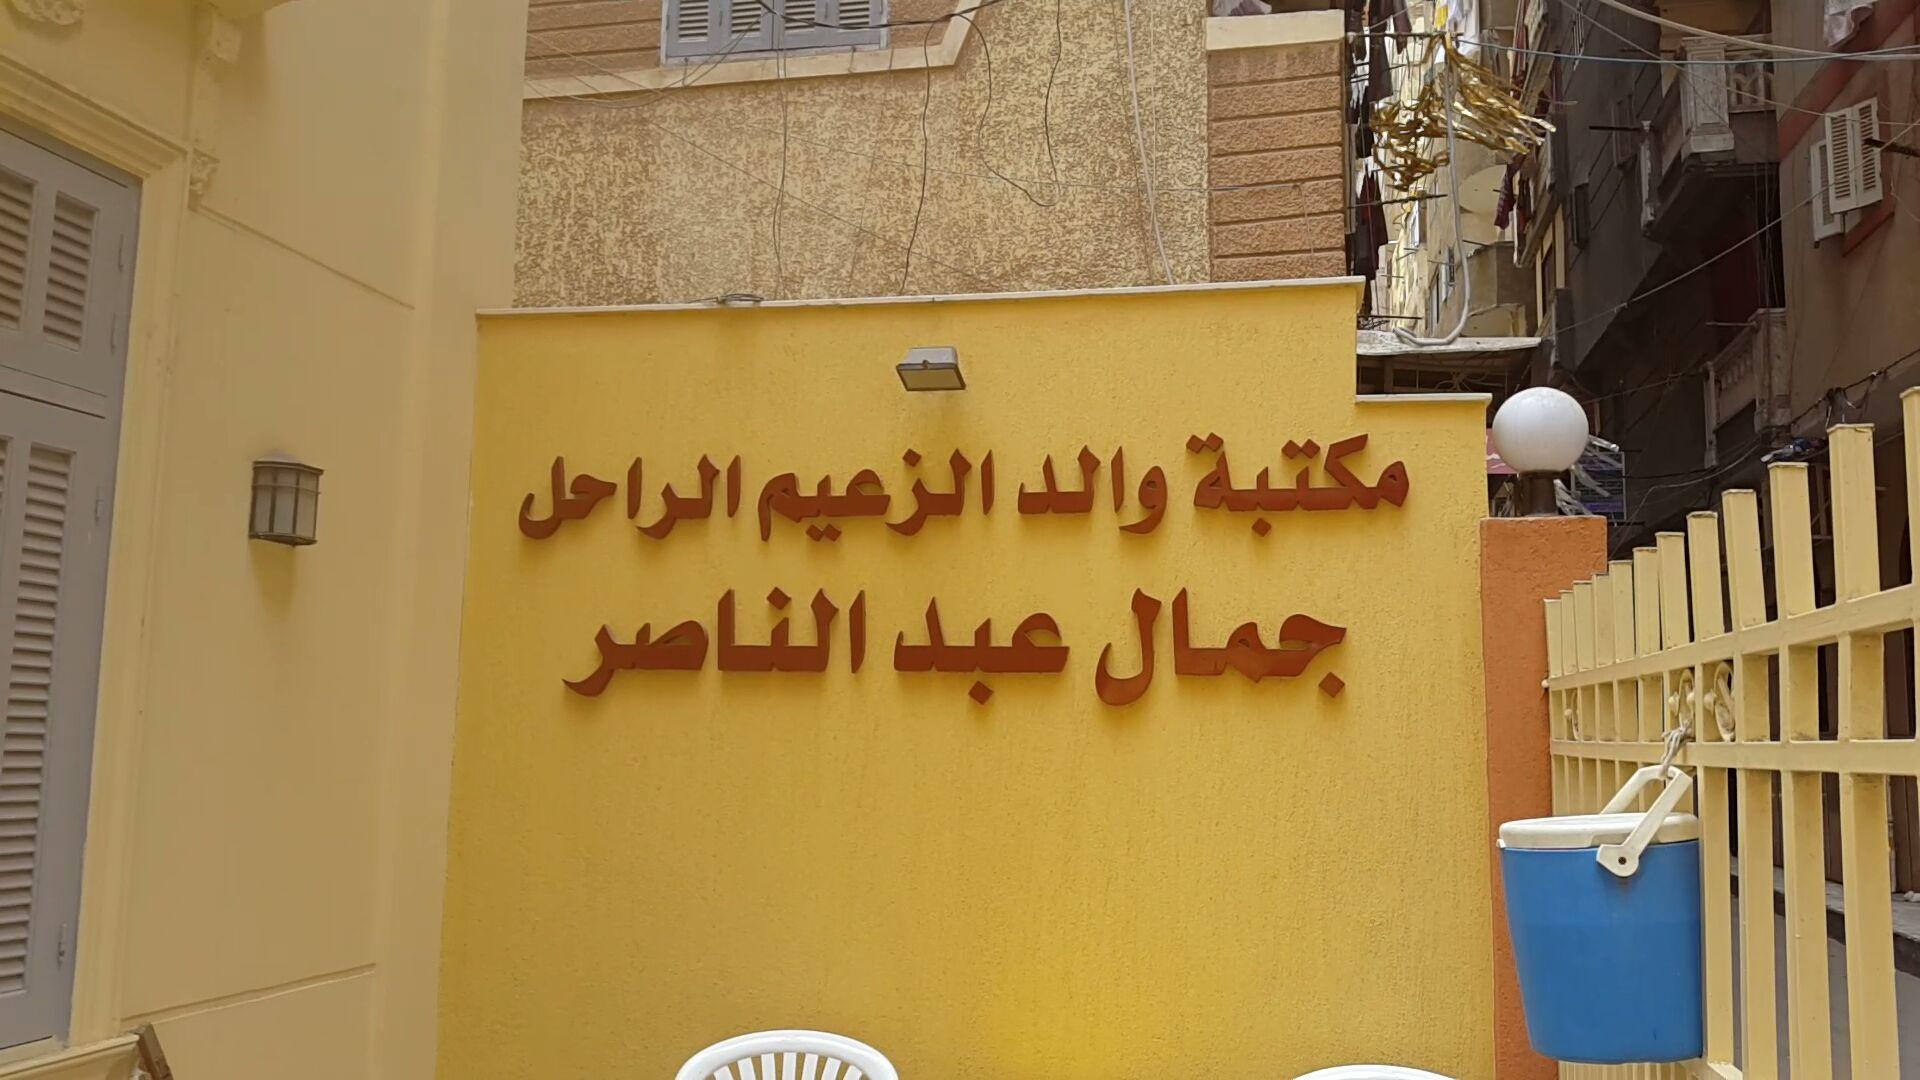 منزل الزعيم الراحل جمال عبد الناصر بالإسكندرية (5)